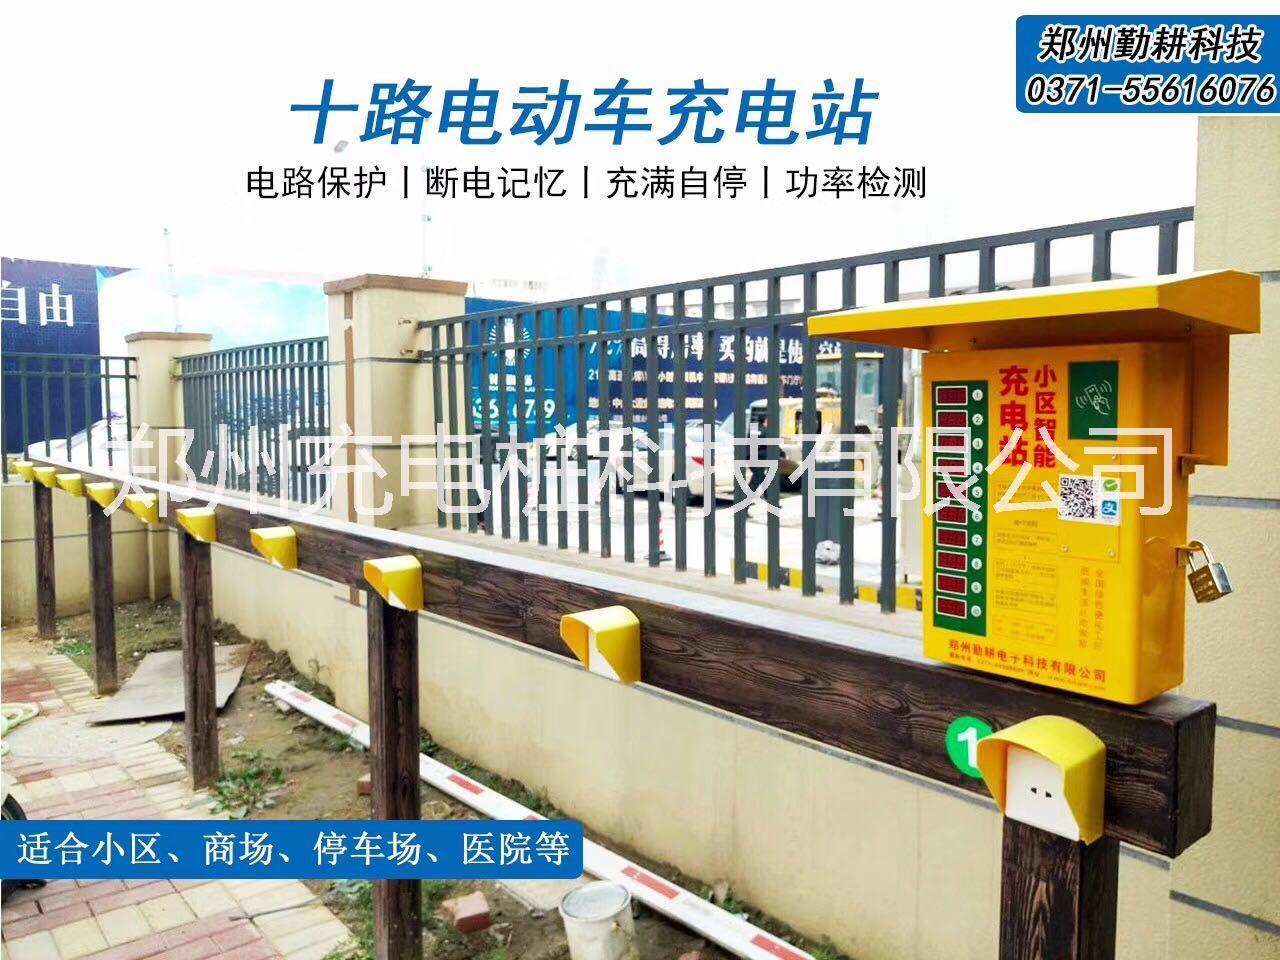 信阳便民充电站,信阳小区单位电动车充电站安装